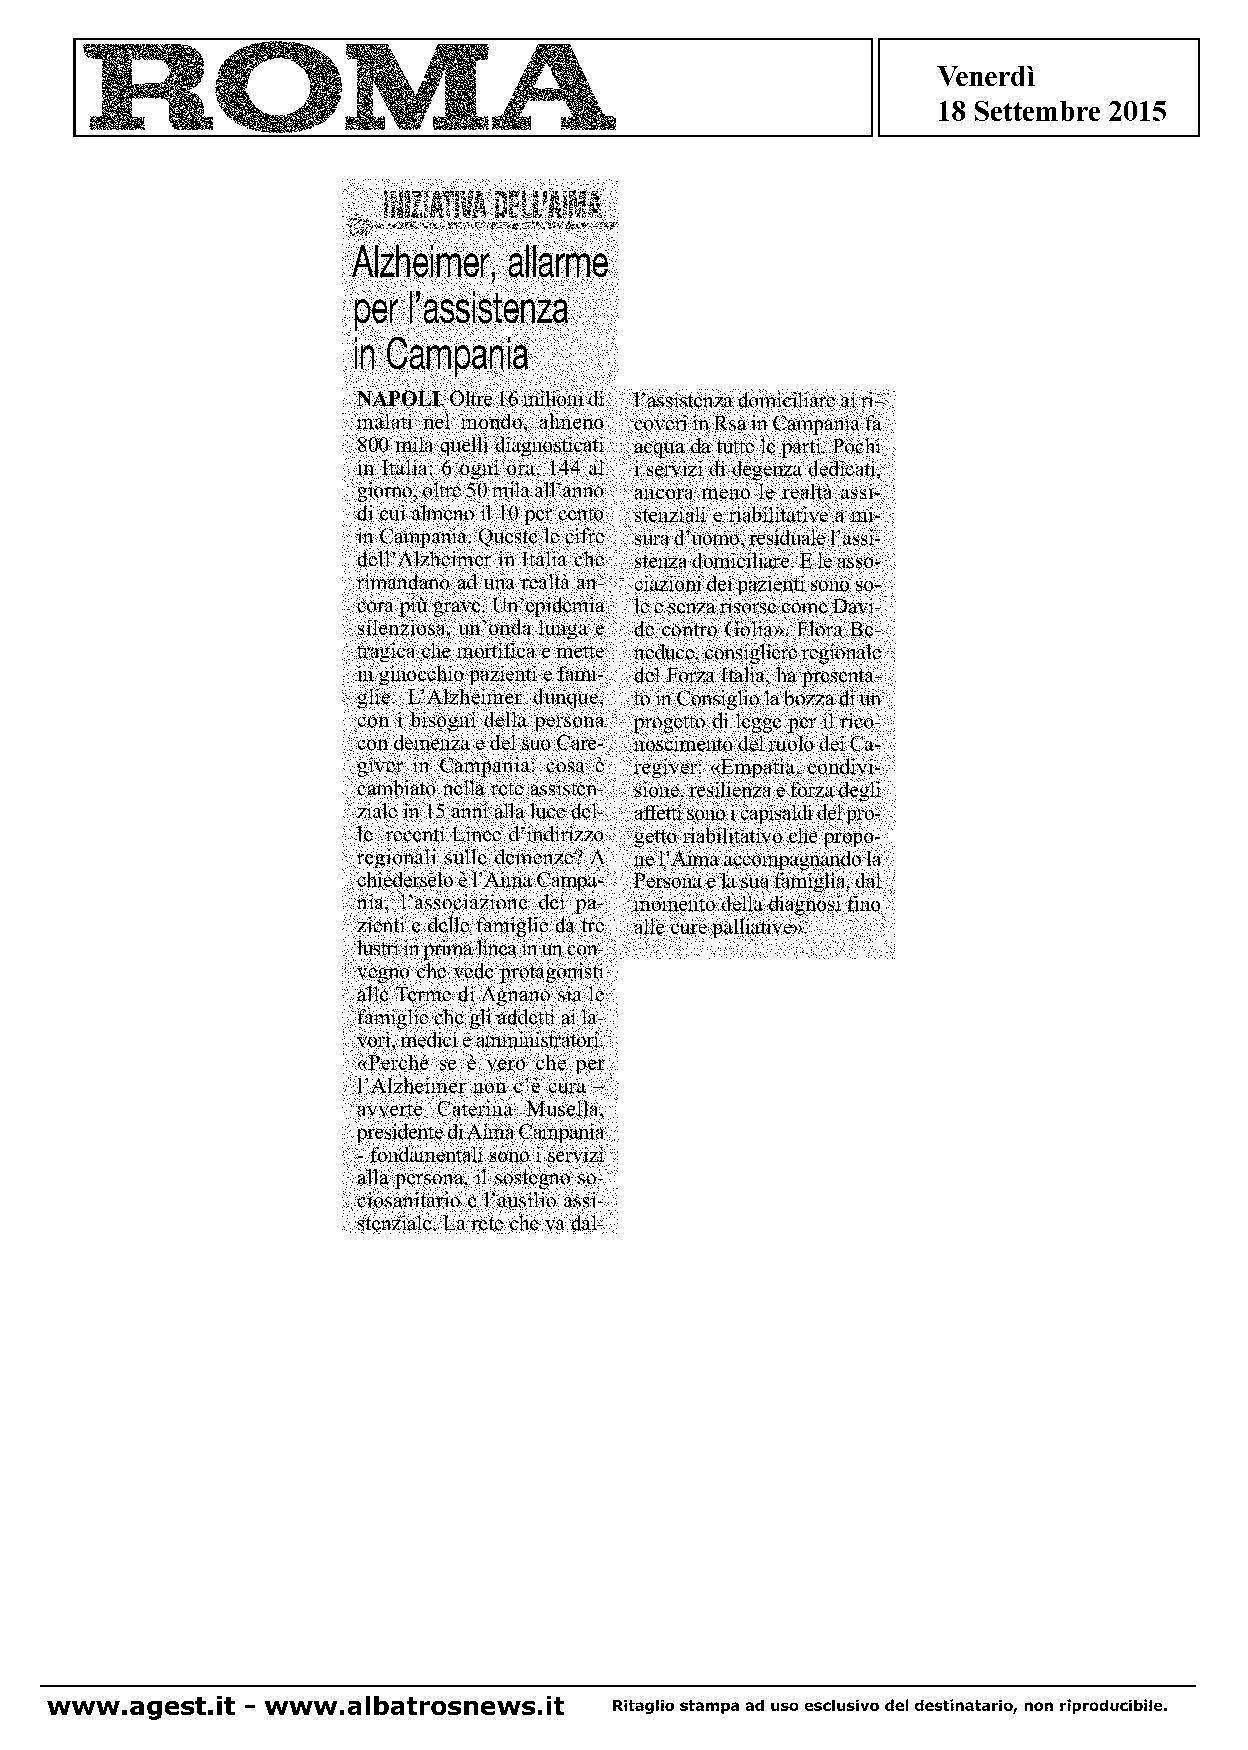 ALZHEIMER ALLARME PER L ASSISTENZA IN CAMPANIA-page-001